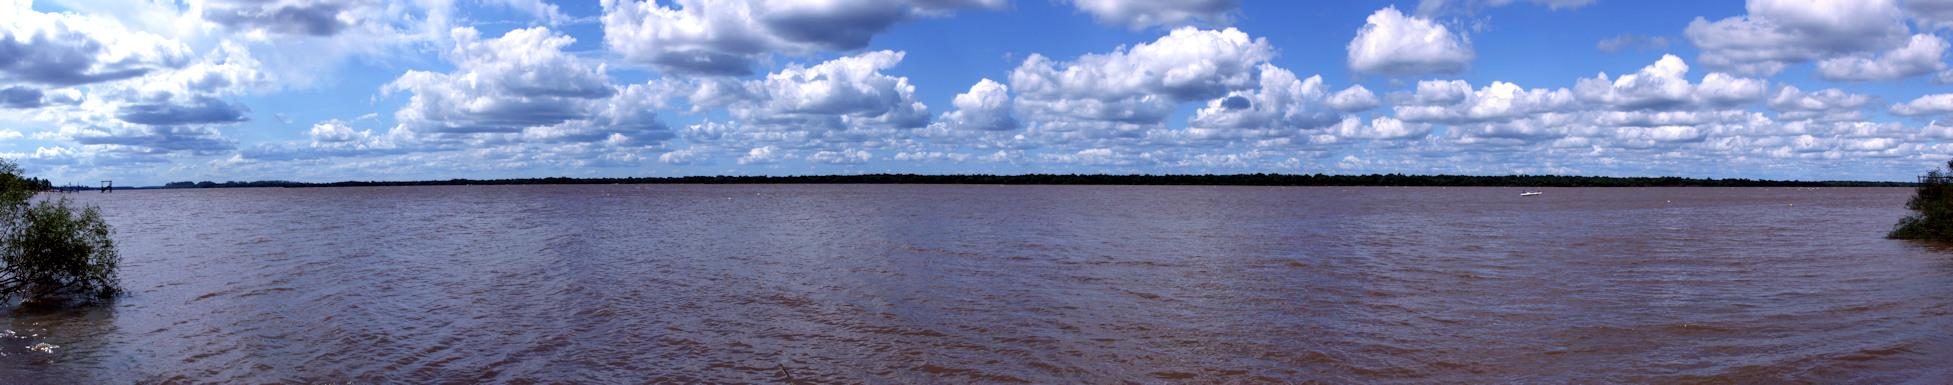 Río Uruguay bei Colón